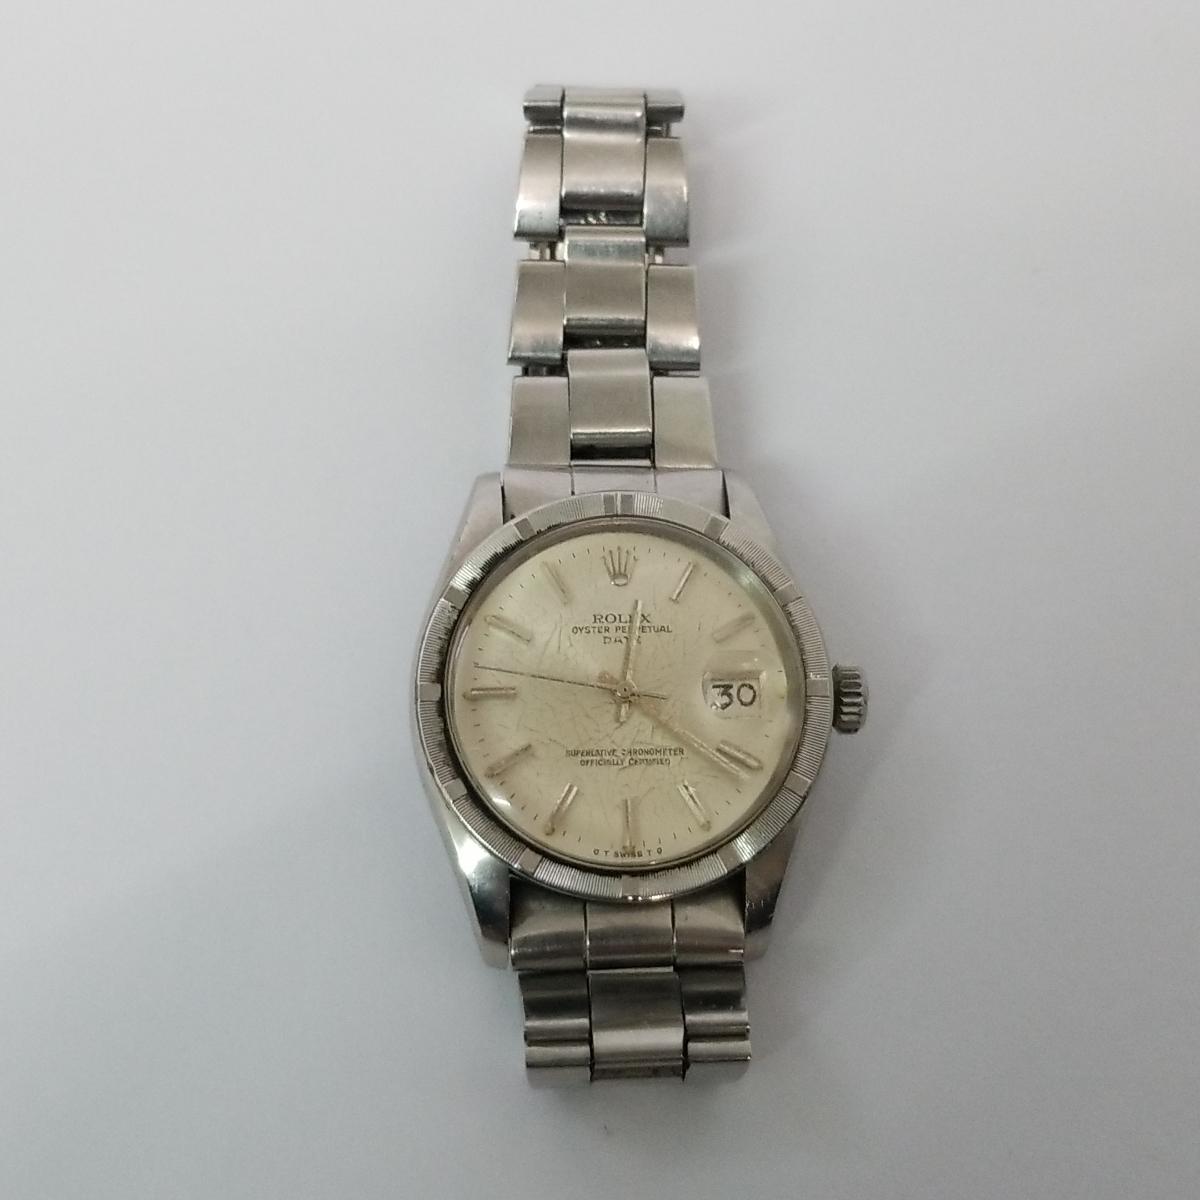 本物 ROLEX ロレックス オイスターパーペチュアル デイト メンズ オートマ 腕時計 1501 ROLEX Oyster Perpetual Date 稼動品